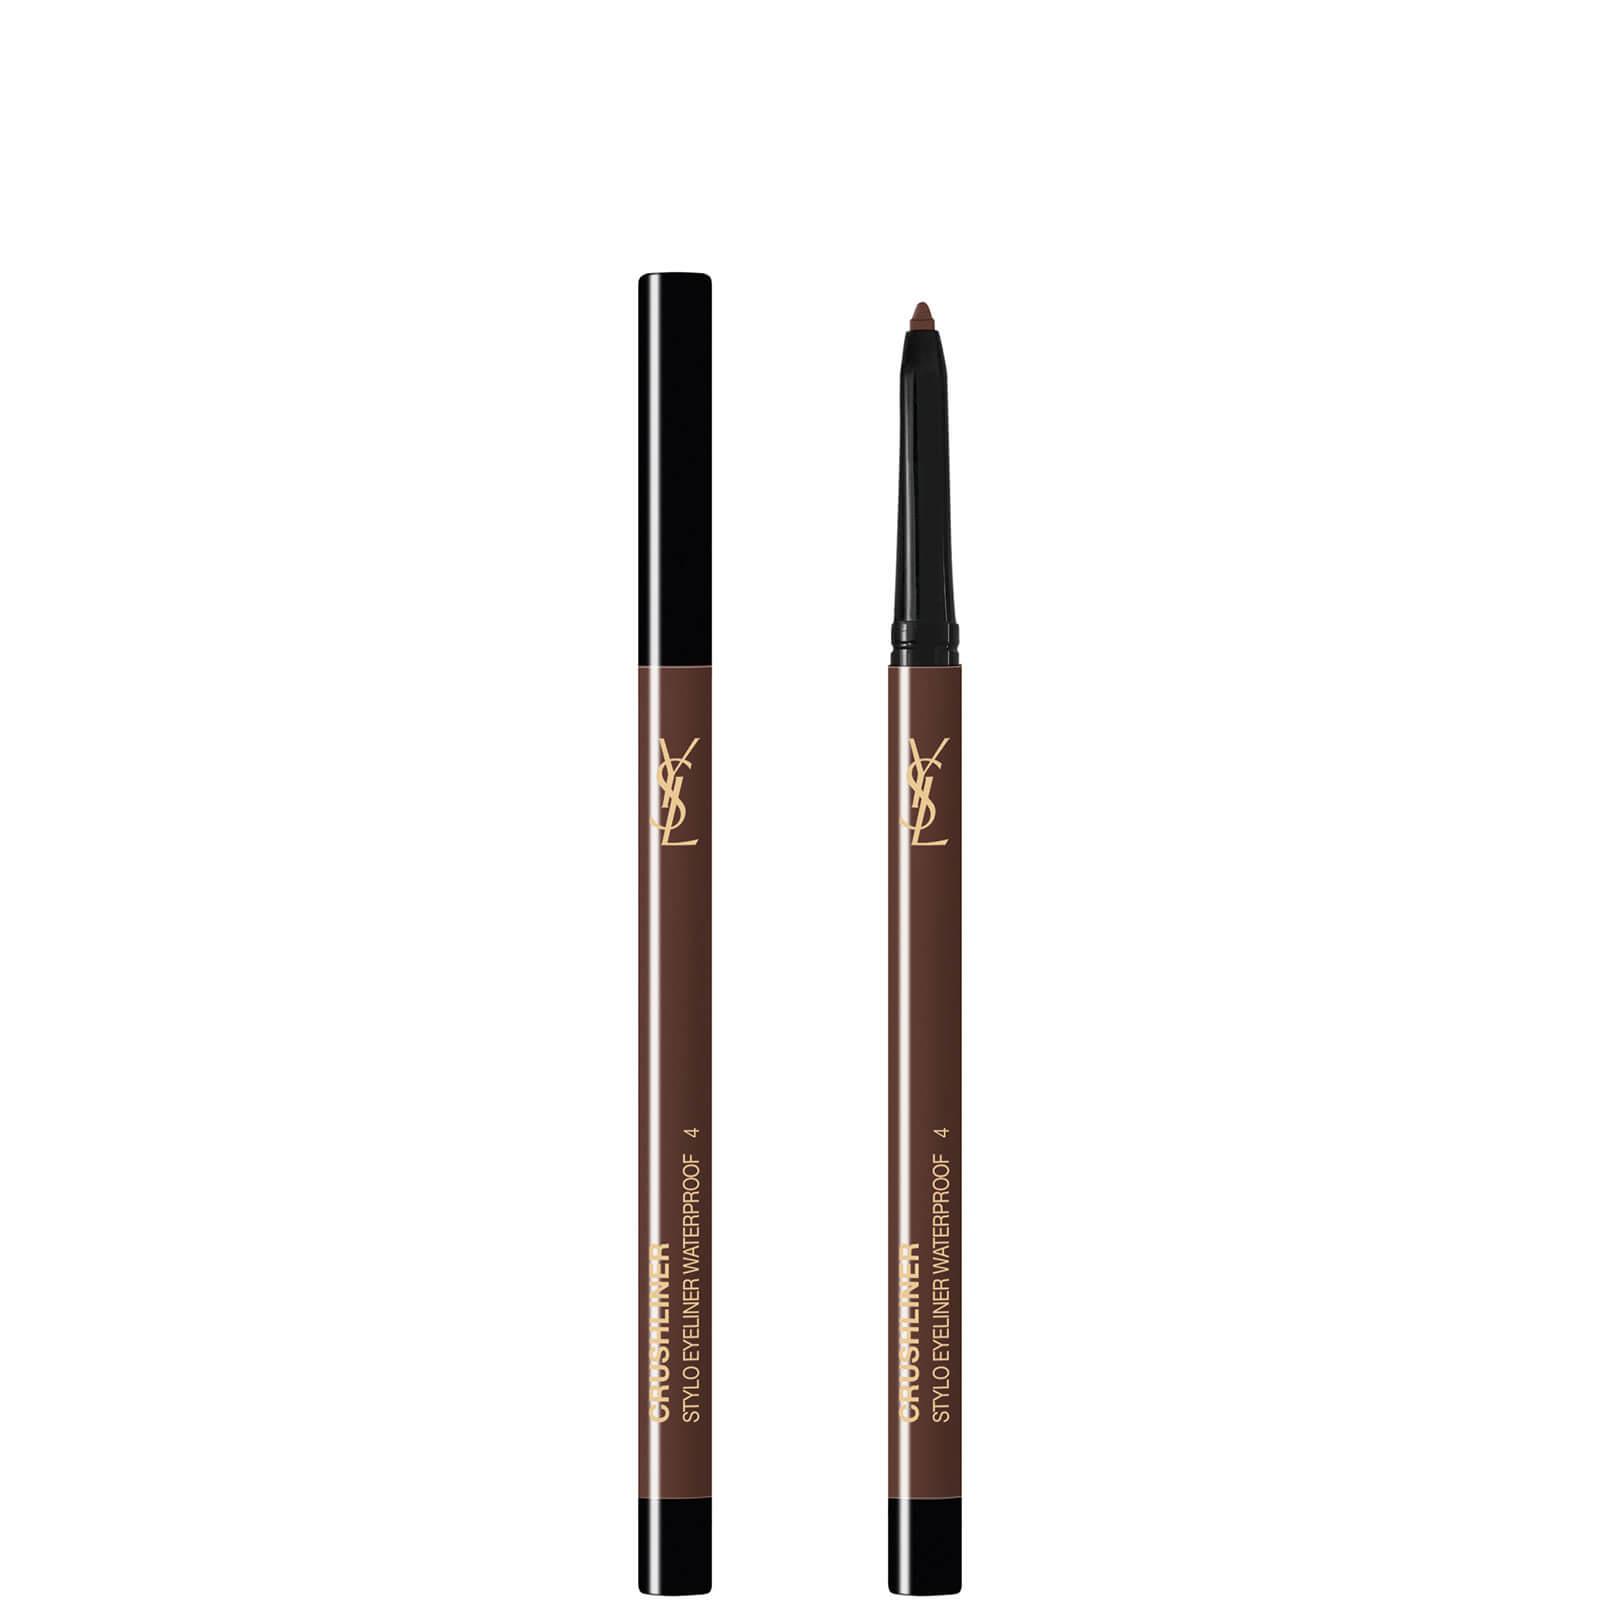 Купить Водостойкий карандаш для глаз Yves Saint Laurent Exclusive Crushliner Waterproof Stylo, 3 гр (в разных оттенках) - #4